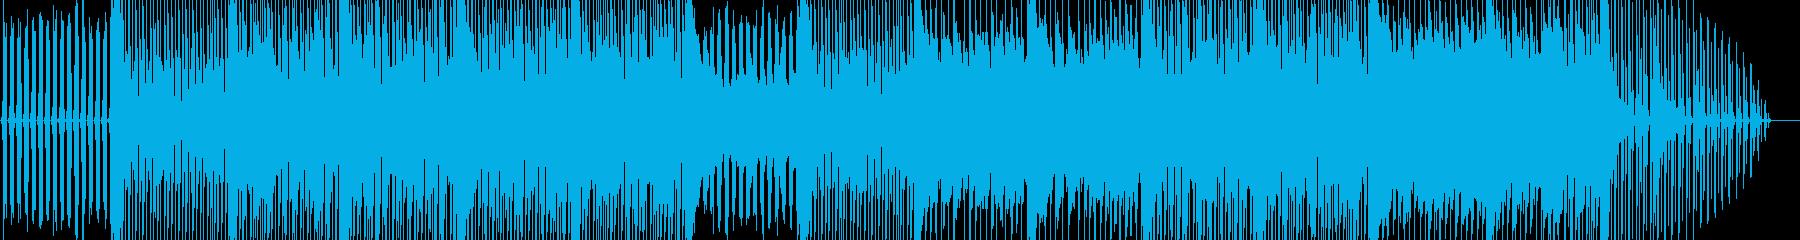 ロードムービー等にある明るく爽やかな曲の再生済みの波形